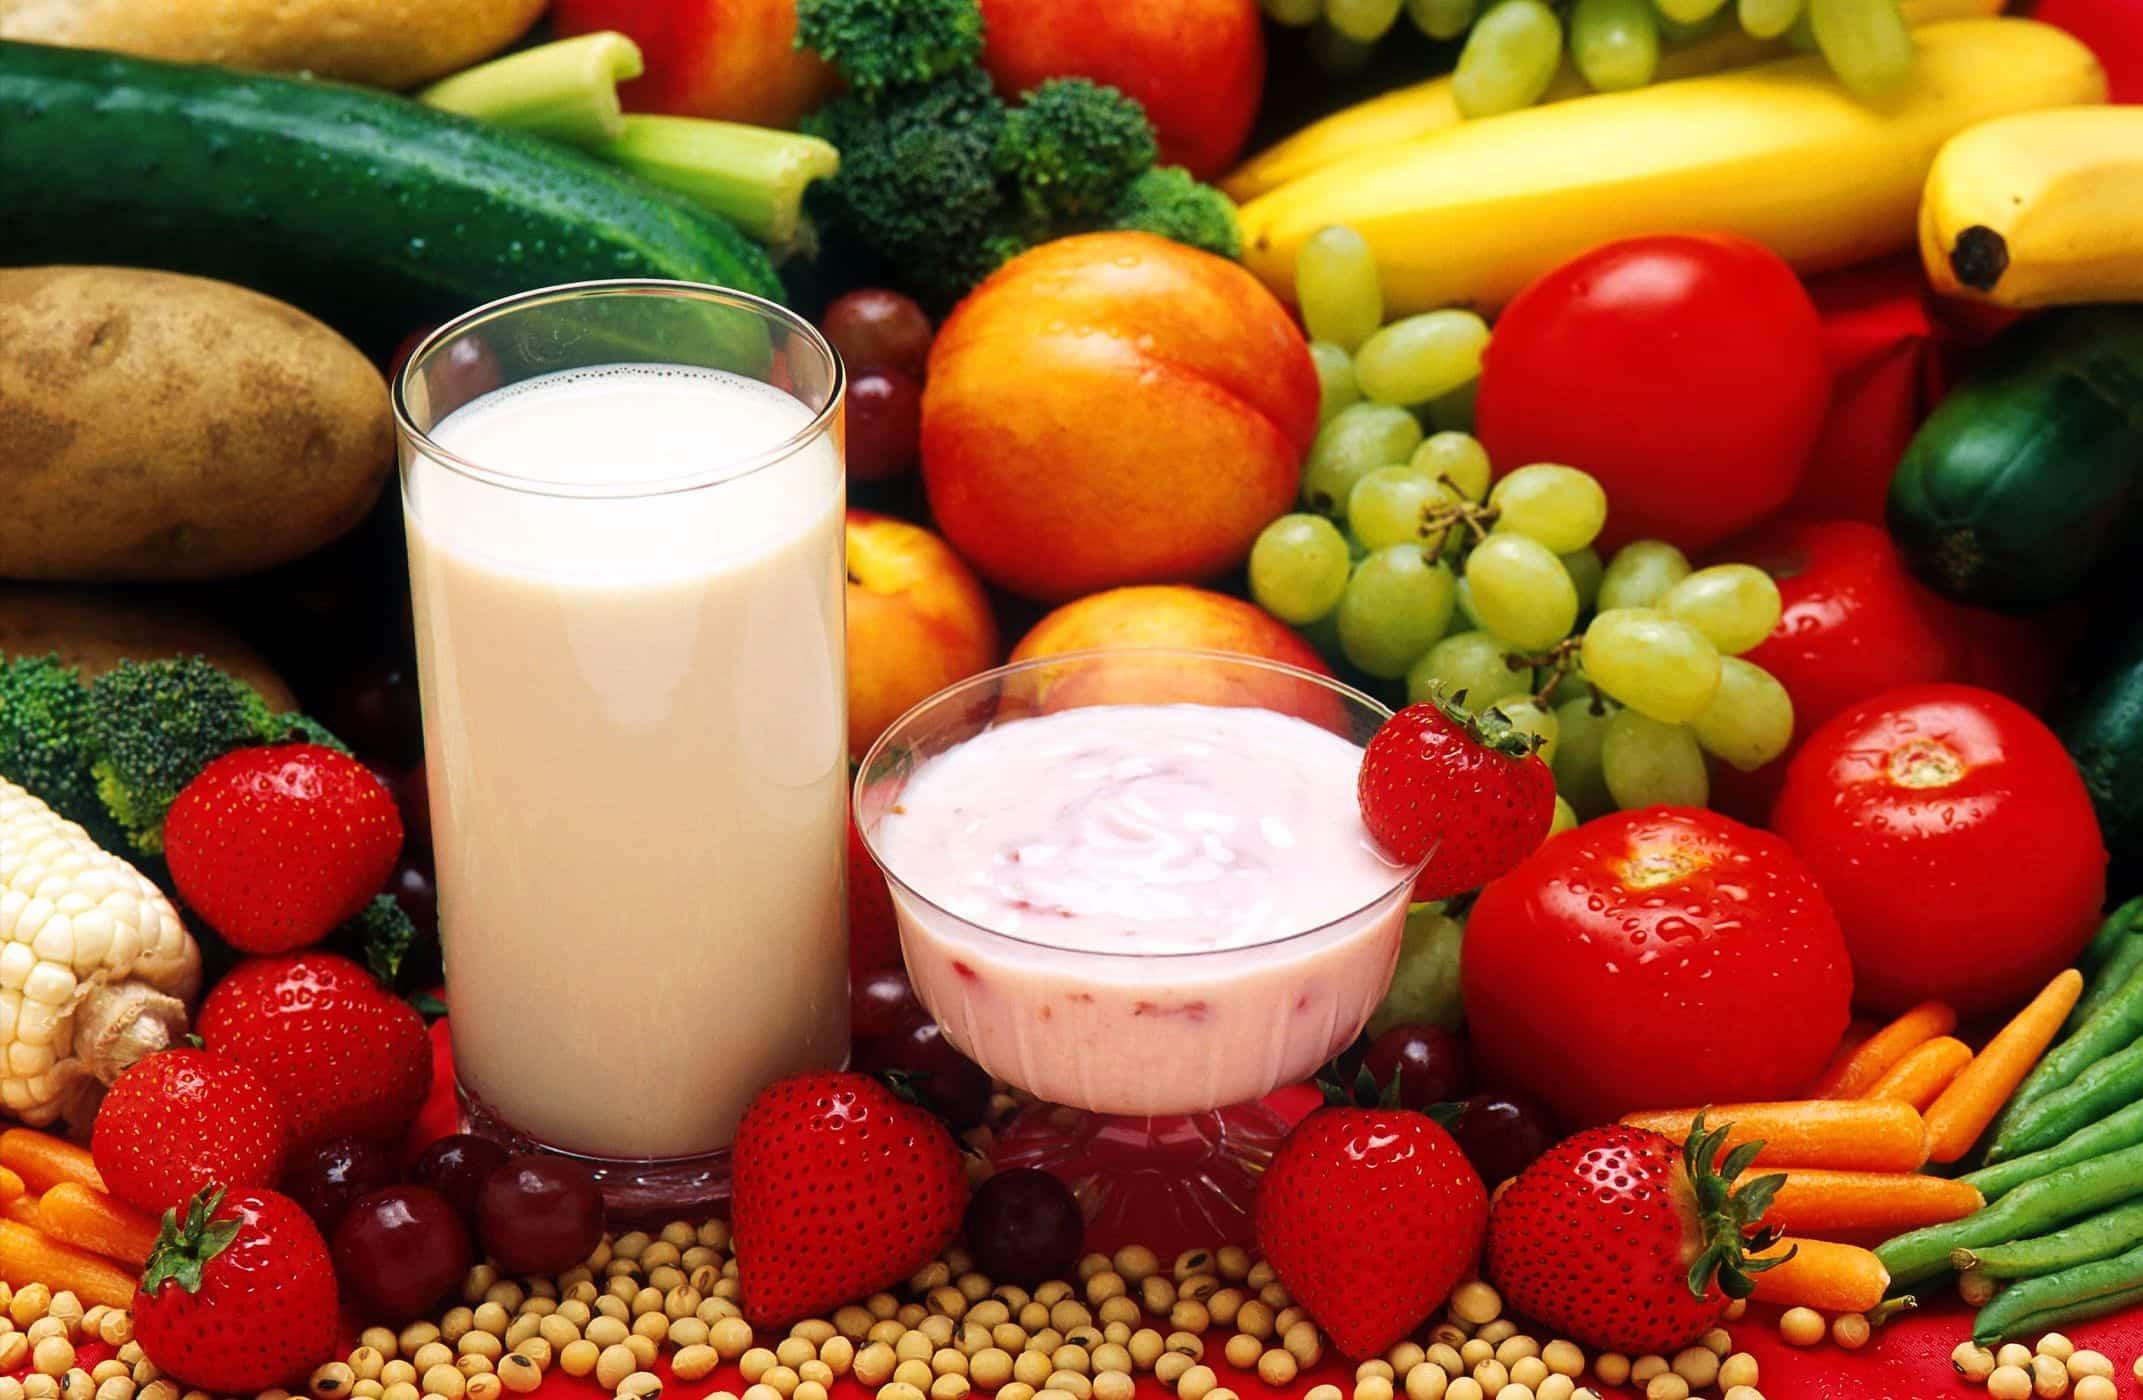 Bữa ăn gia đình đảm bảo dinh dưỡng